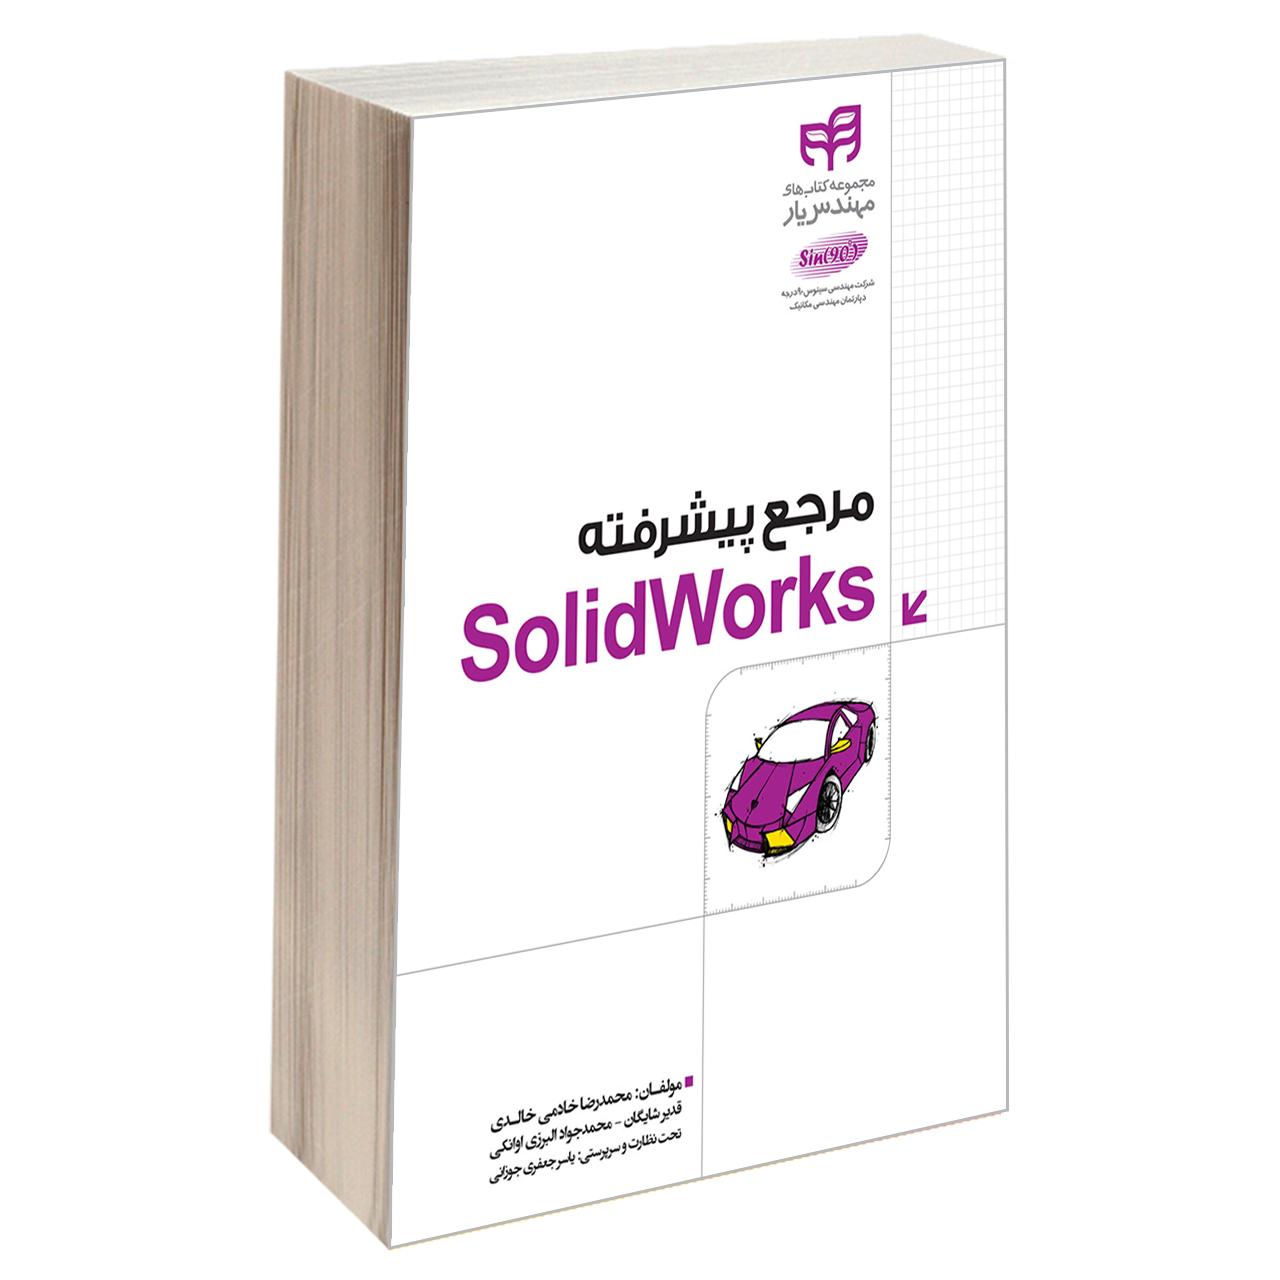 خرید                      کتاب مرجع پیشرفته SolidWorks اثر جمعی از نویسندگان انتشارات دانشگاهی کیان